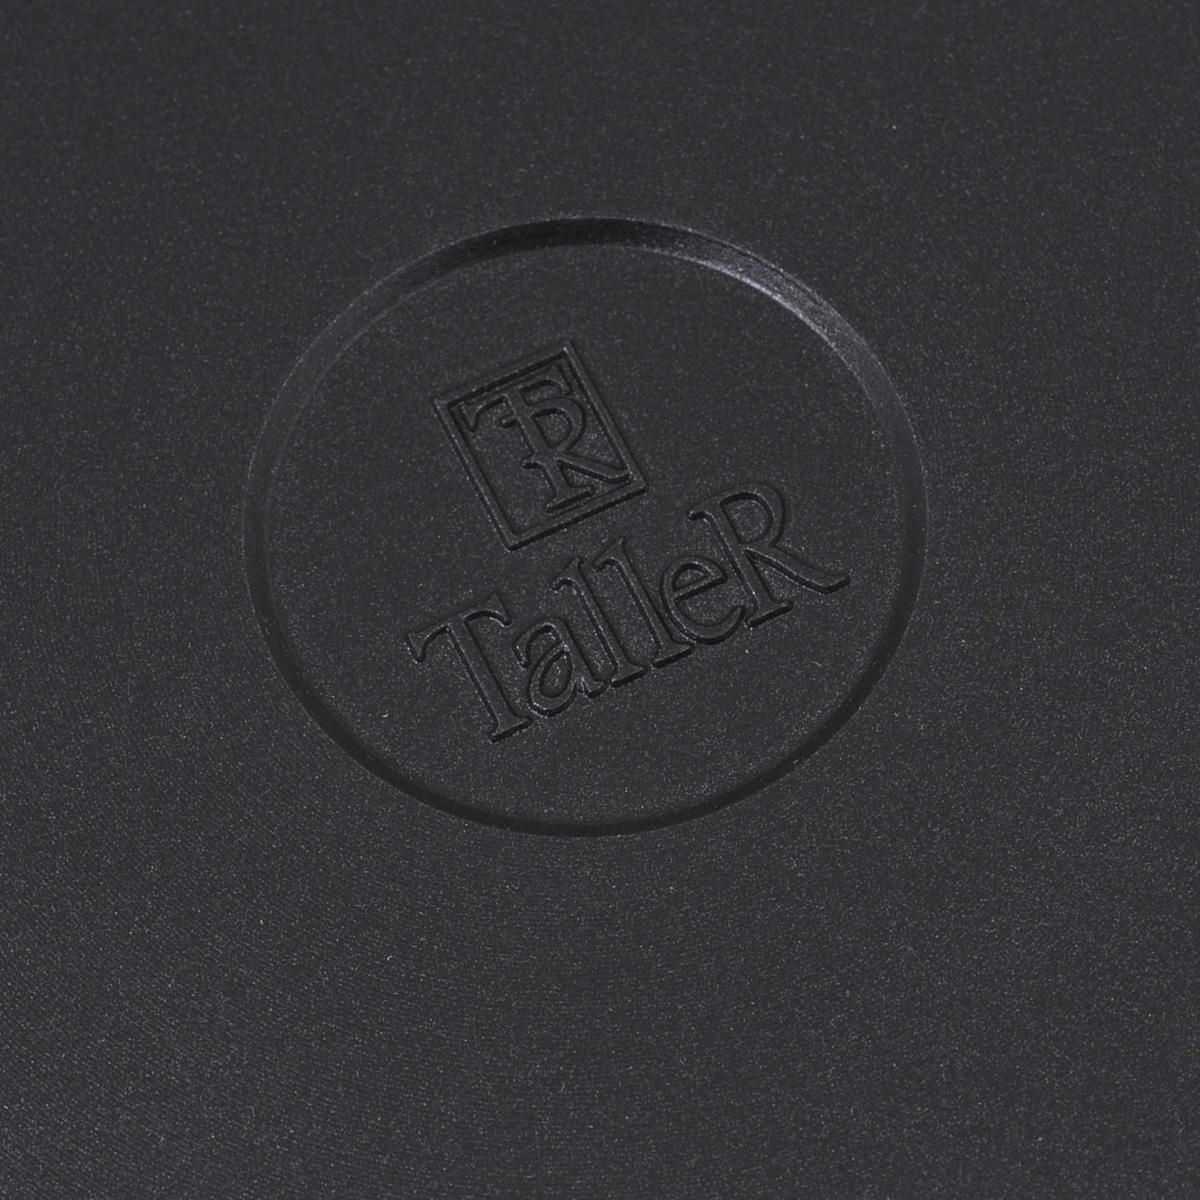 """Сковорода Taller """"Platinum"""" изготовлена из литого алюминия с антипригарным покрытием  Teflon Platinum Plus, благодаря которому можно готовить пищу с минимальным количеством  масла. Устойчивое к царапинам покрытие выдерживает воздействие неострых  металлических кухонных принадлежностей. Утолщенное дно обеспечивает быстрый и  равномерный нагрев и препятствует деформации при правильном использовании. Ручка  выполнена из бакелита и имеет свойство не нагреваться при использовании конфорки или  газовой горелки не превышающей диаметр дна сковородки. Благодаря специальному  механизму ручка сковородки может отстегиваться, что дает возможность использовать  посуду в духовке.  Сковорода Taller """"Platinum"""" пригодна для использования на всех типах плит, кроме  индукционных.  Подходит для чистки в посудомоечной машине без использования щелочных моющих  средств."""